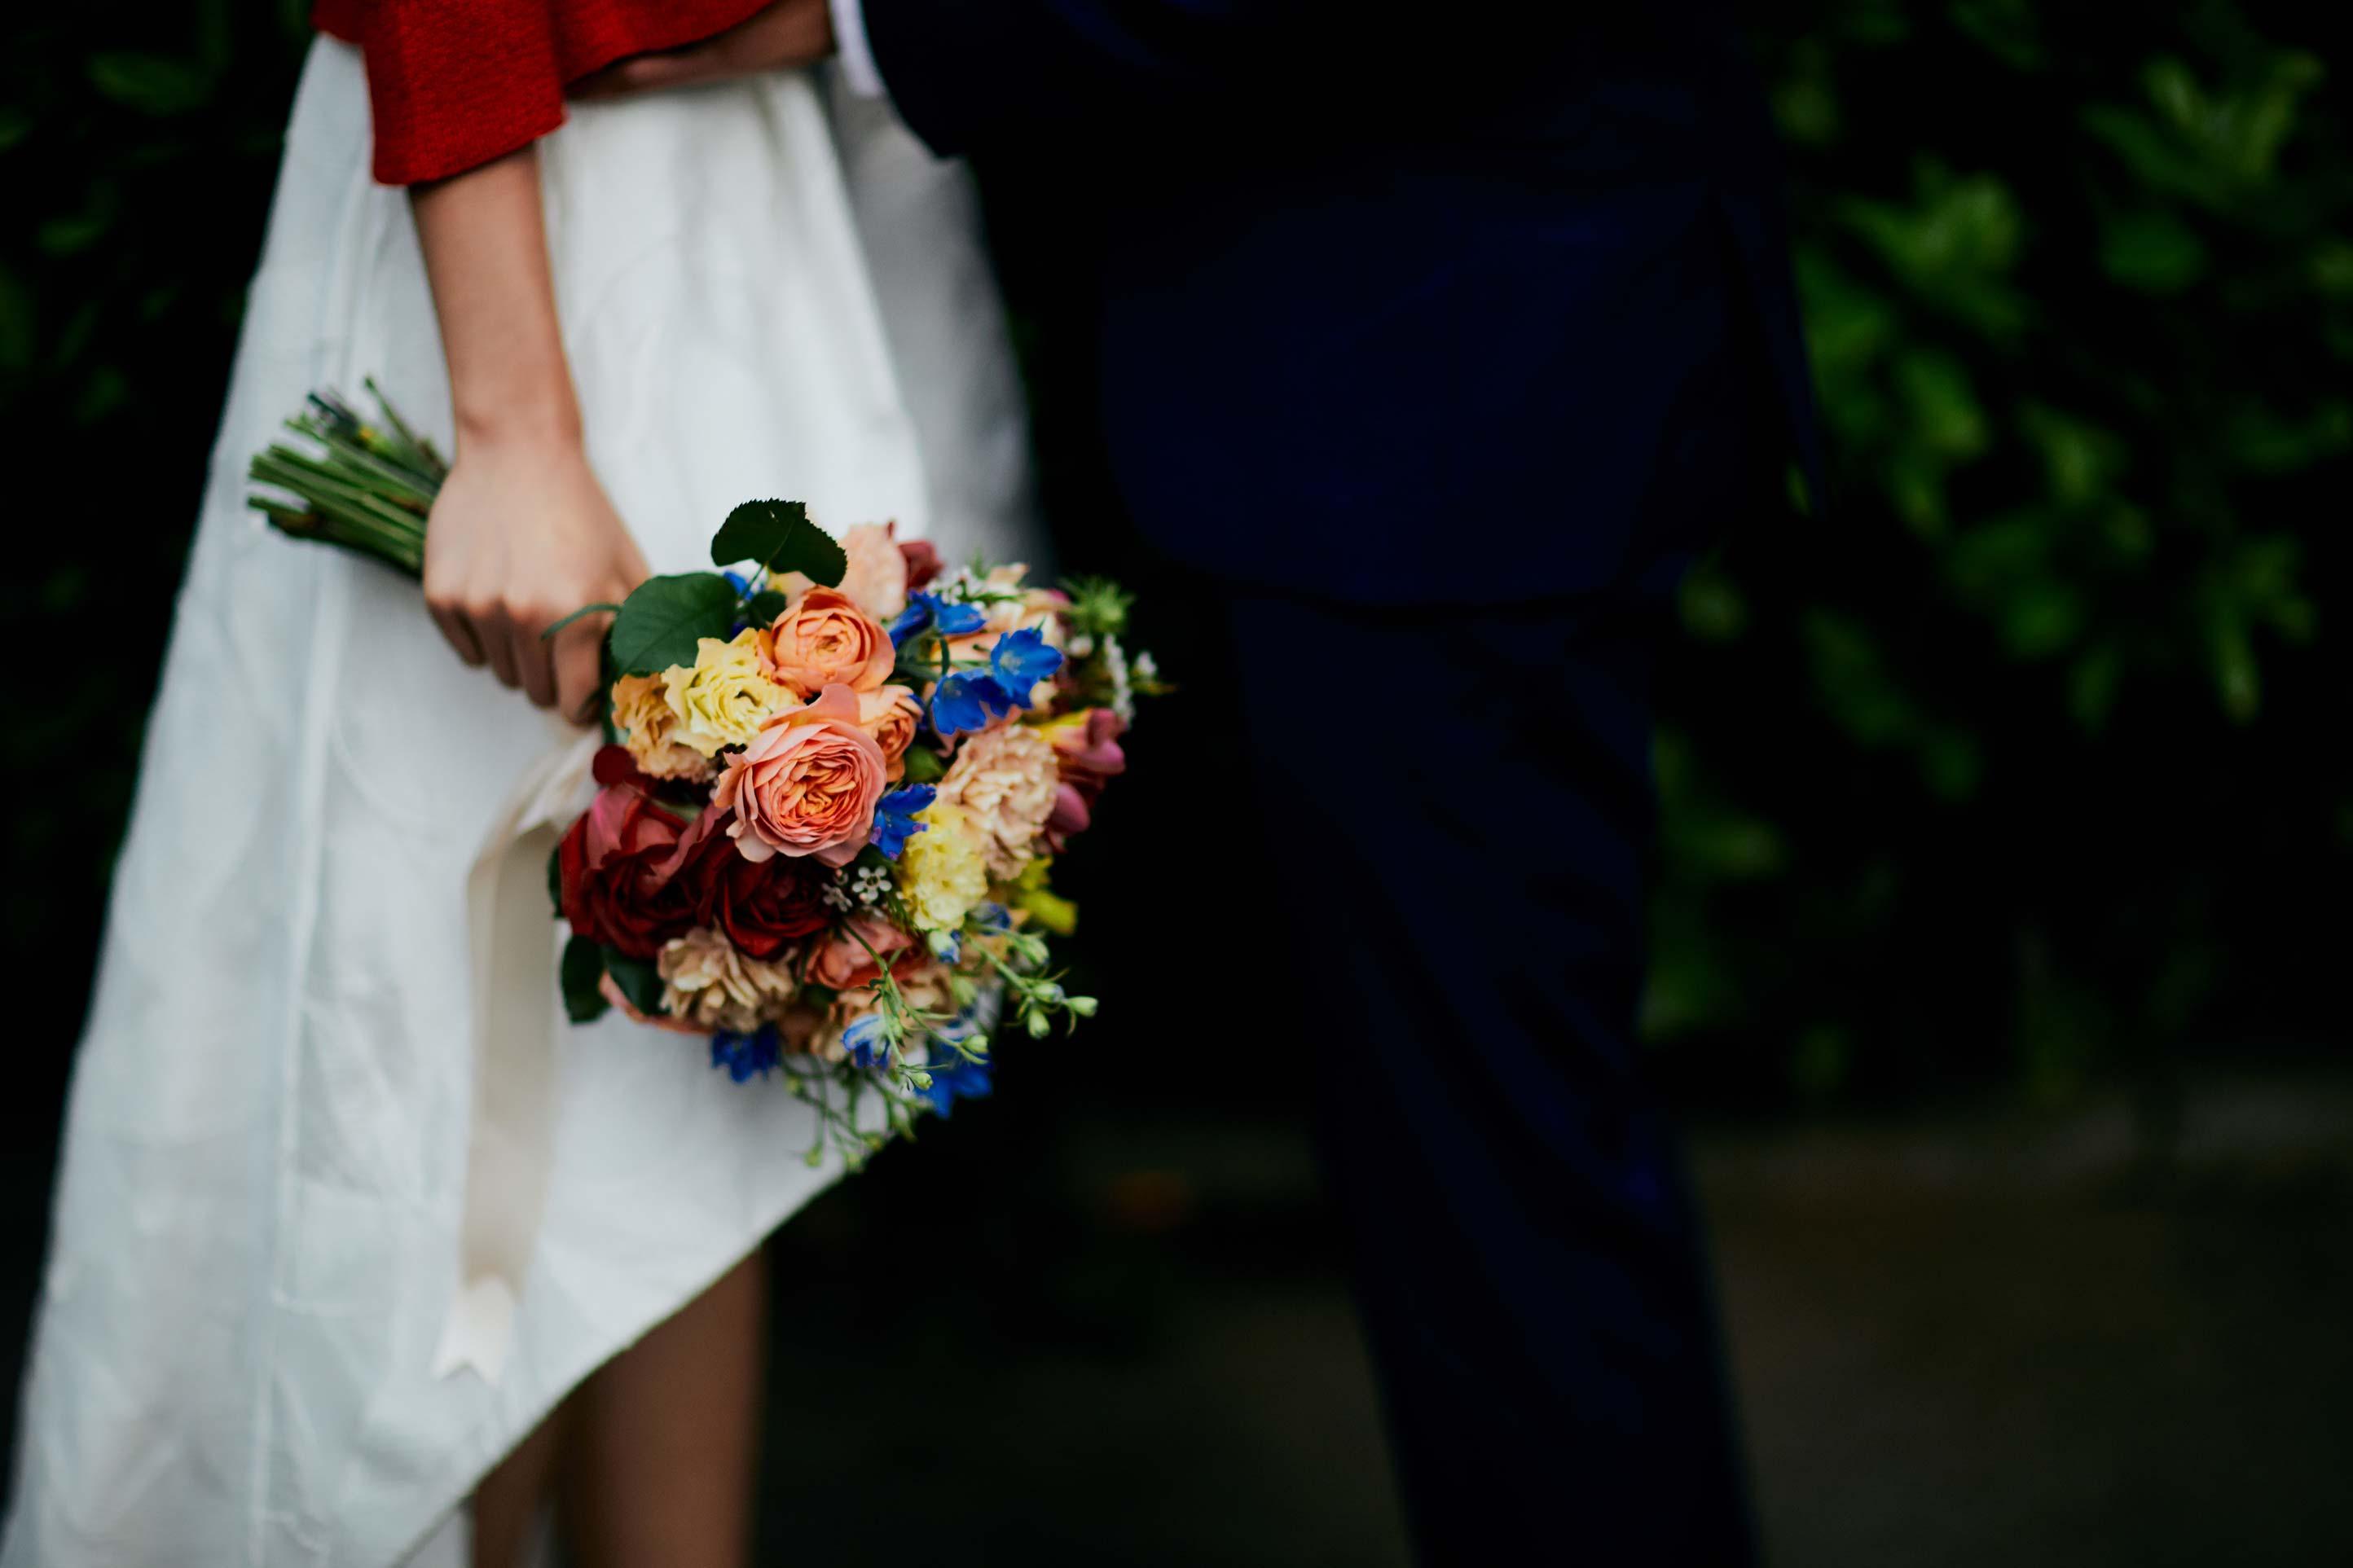 Melbourne-Wedding-Photographer-Kettle-Black-ACCA-bouquet